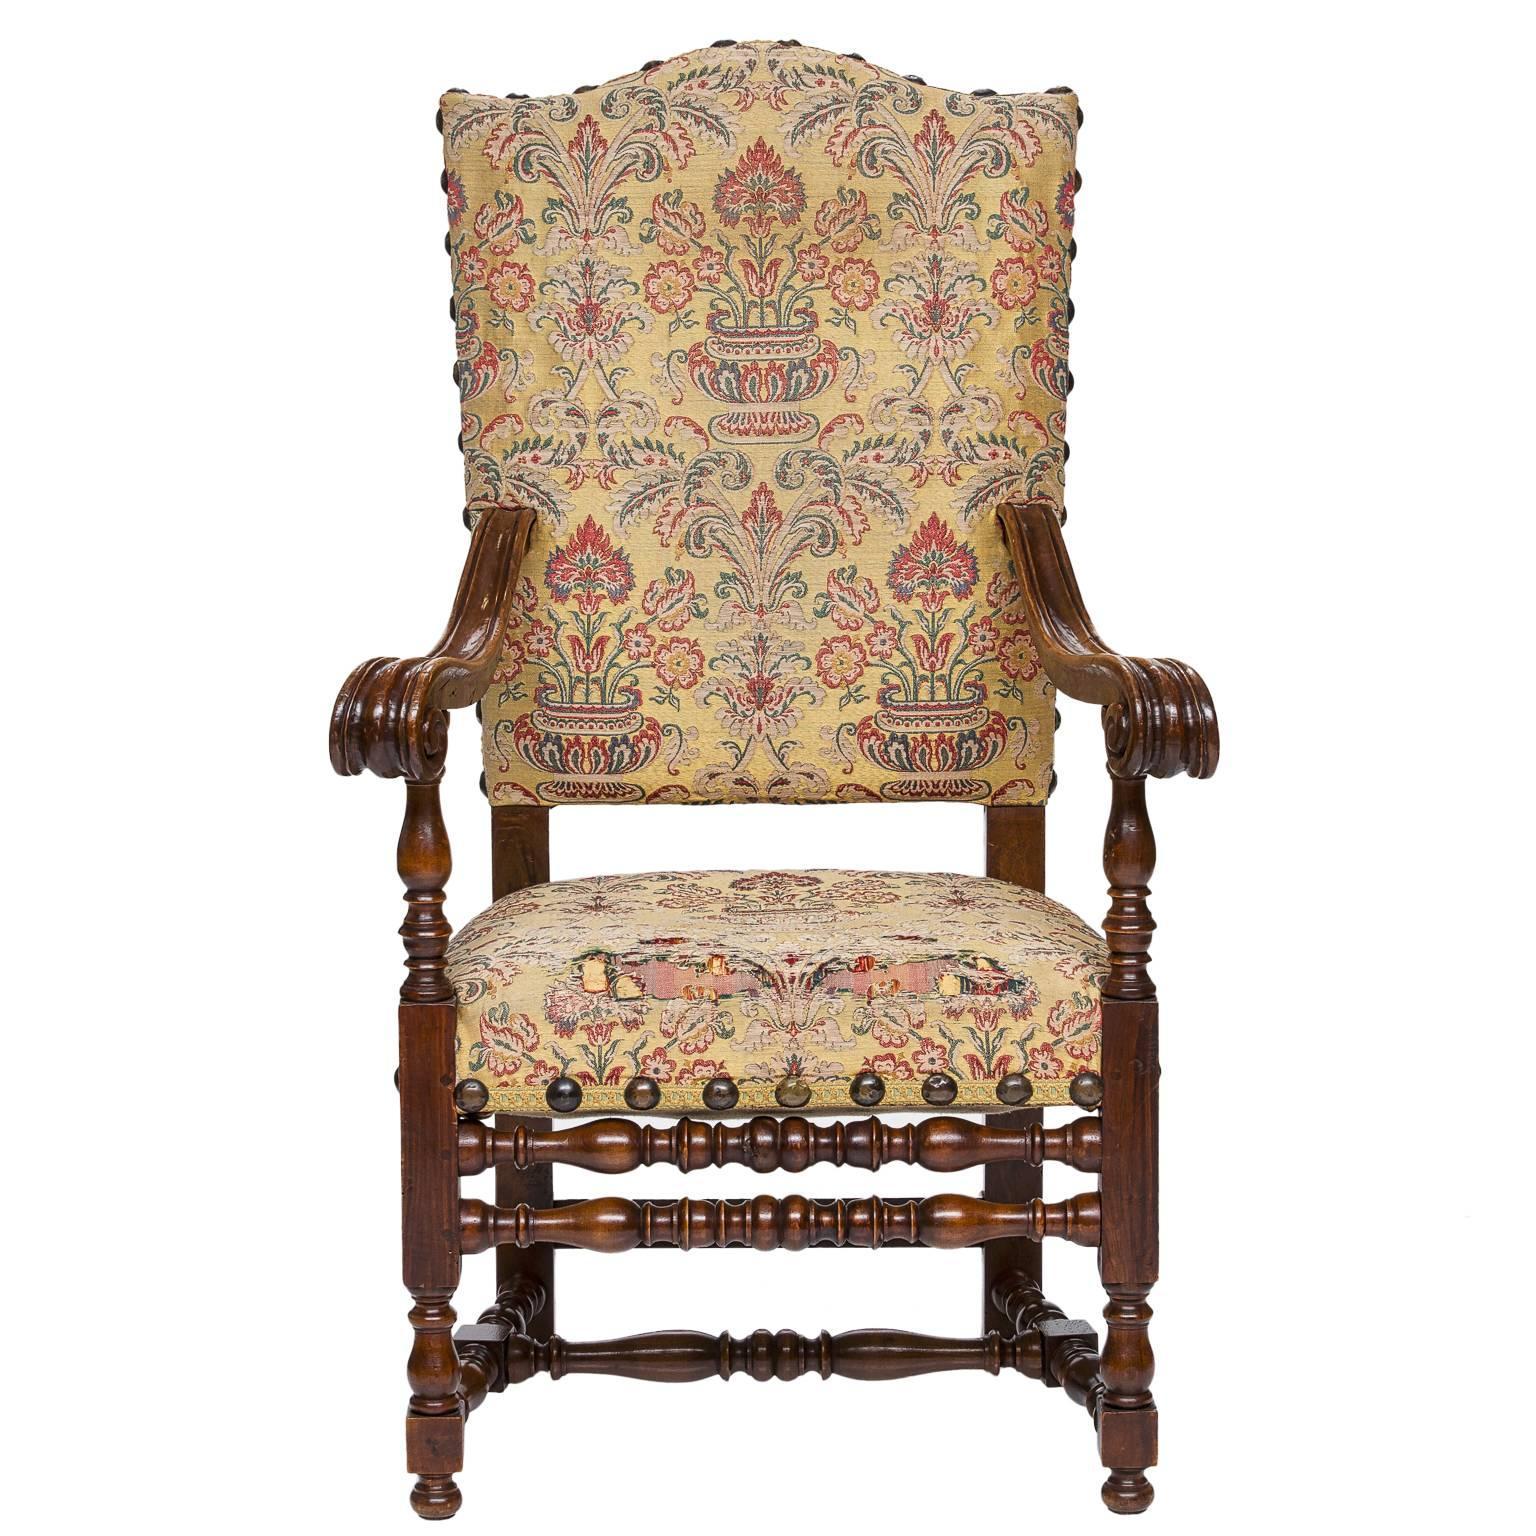 19th Century Italian Walnut Armchair